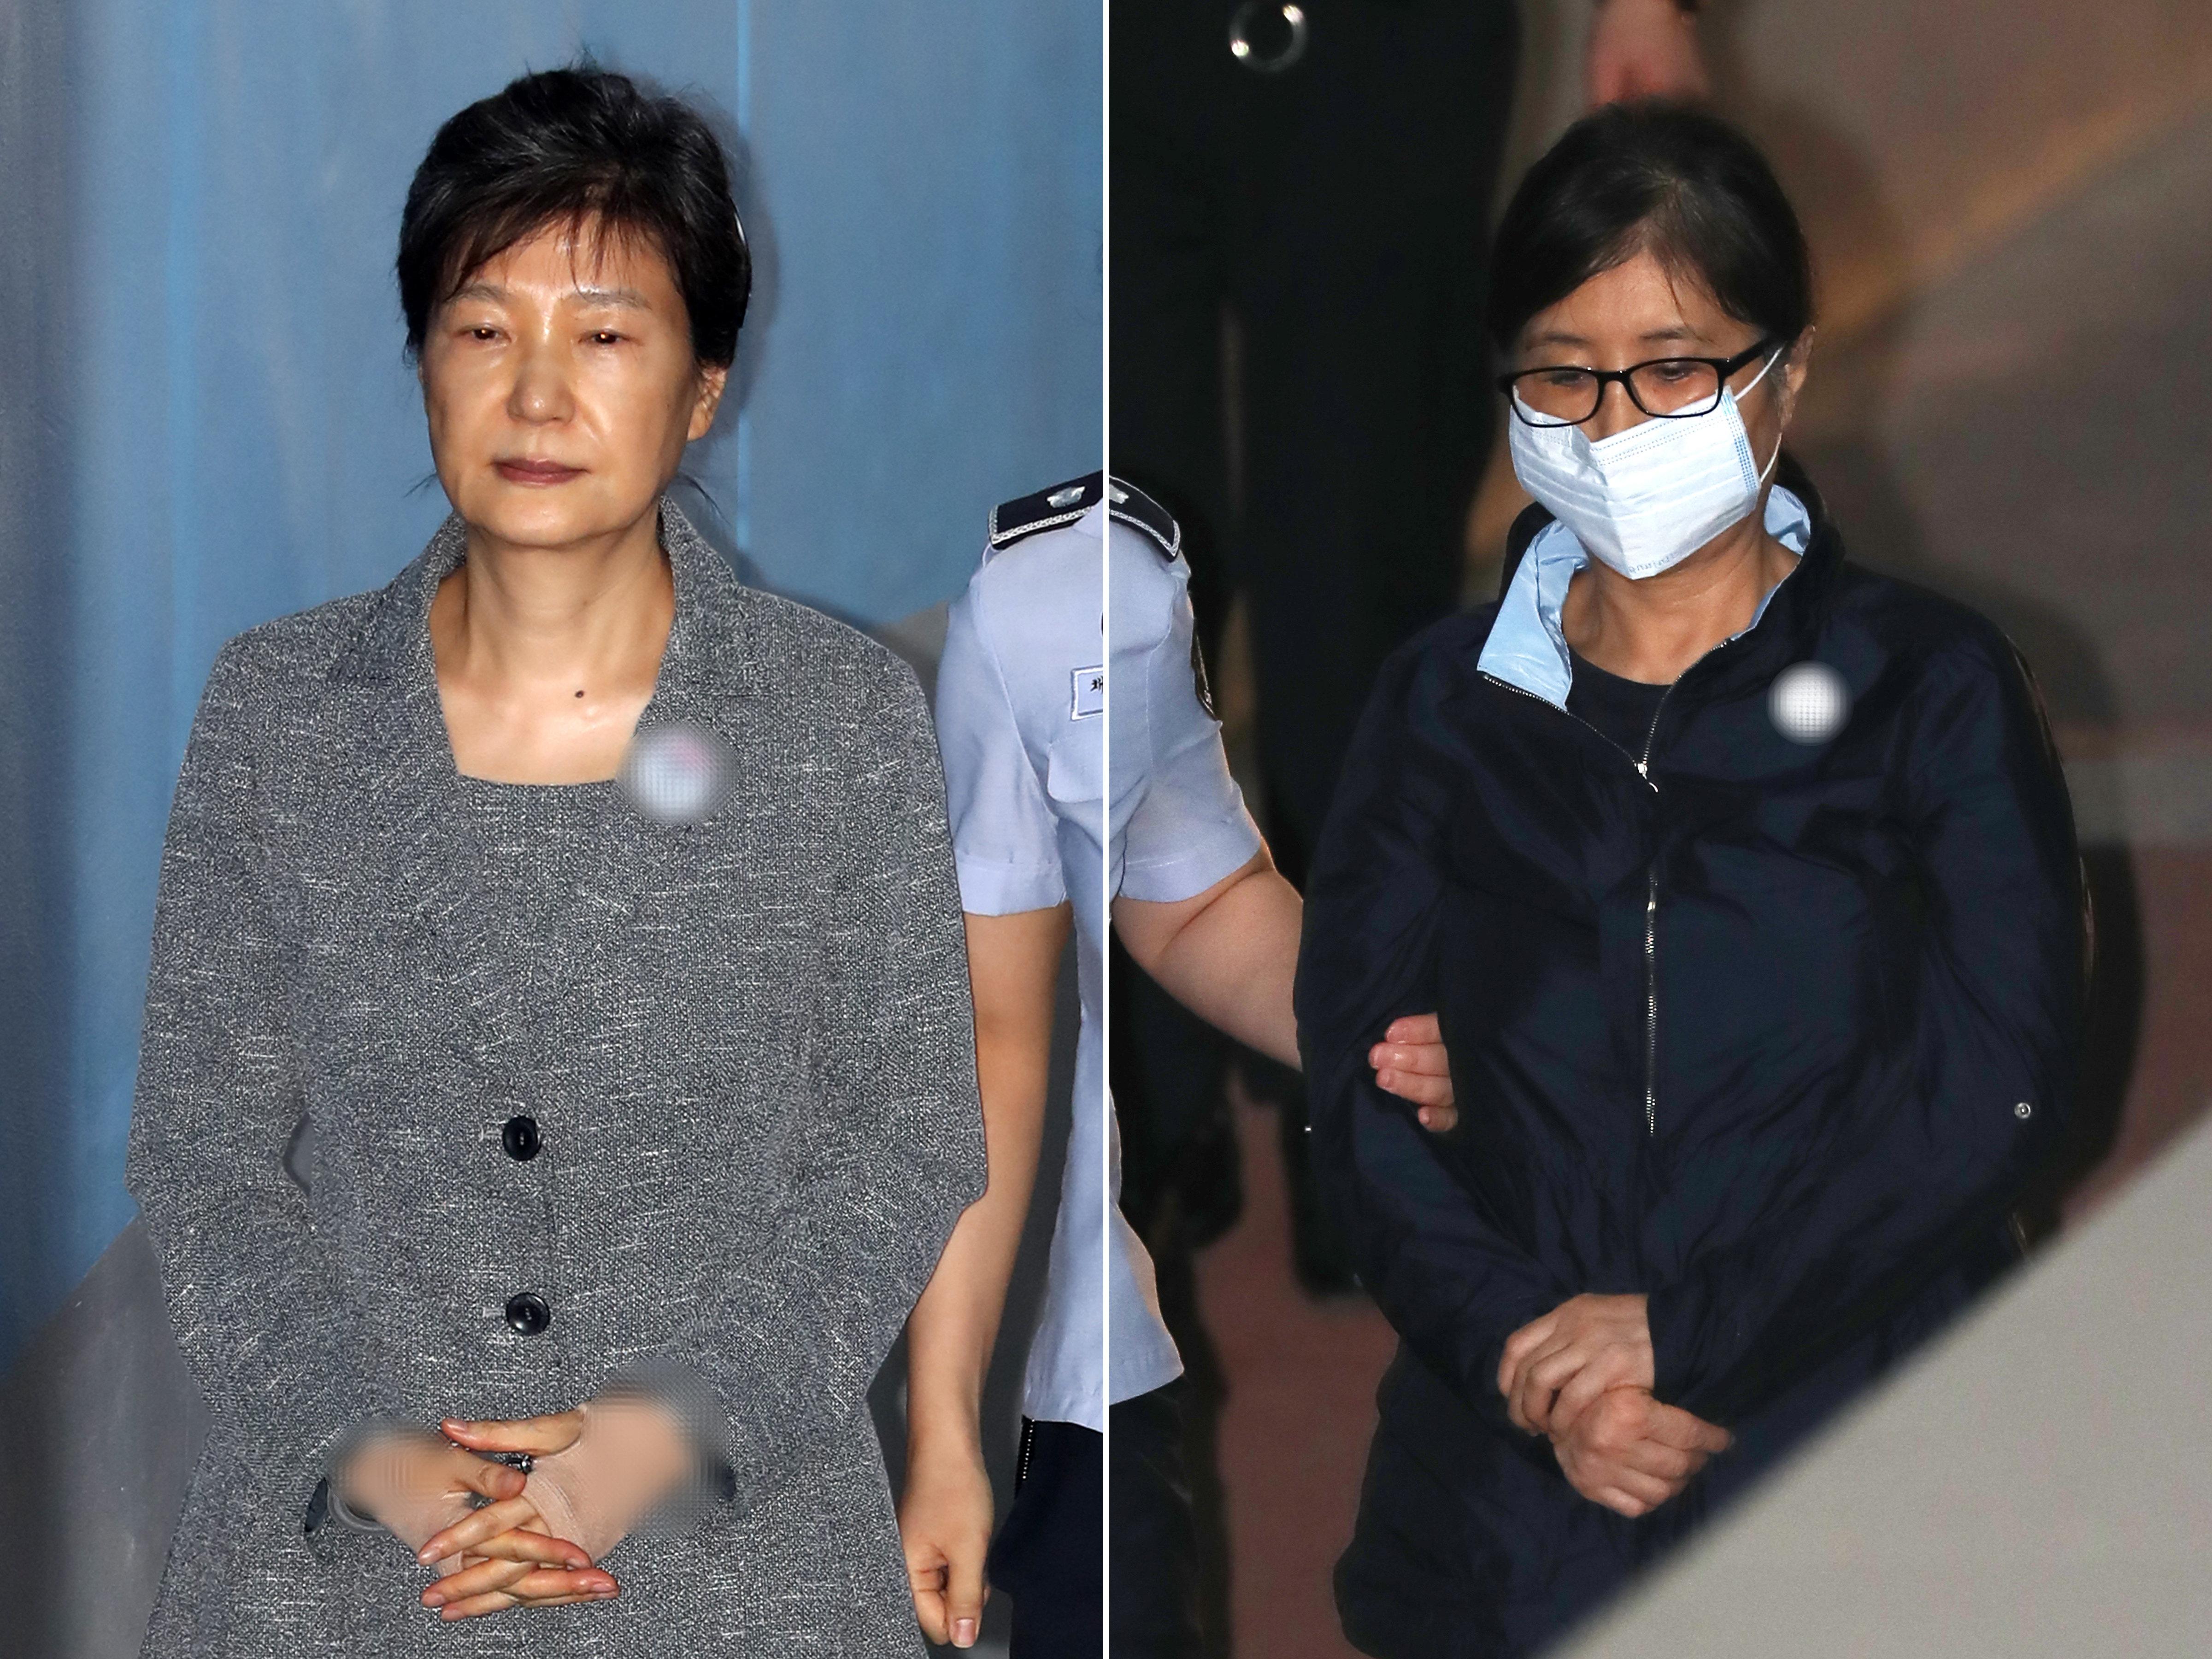 구속 중인 박근혜와 최순실의 기록은 전혀